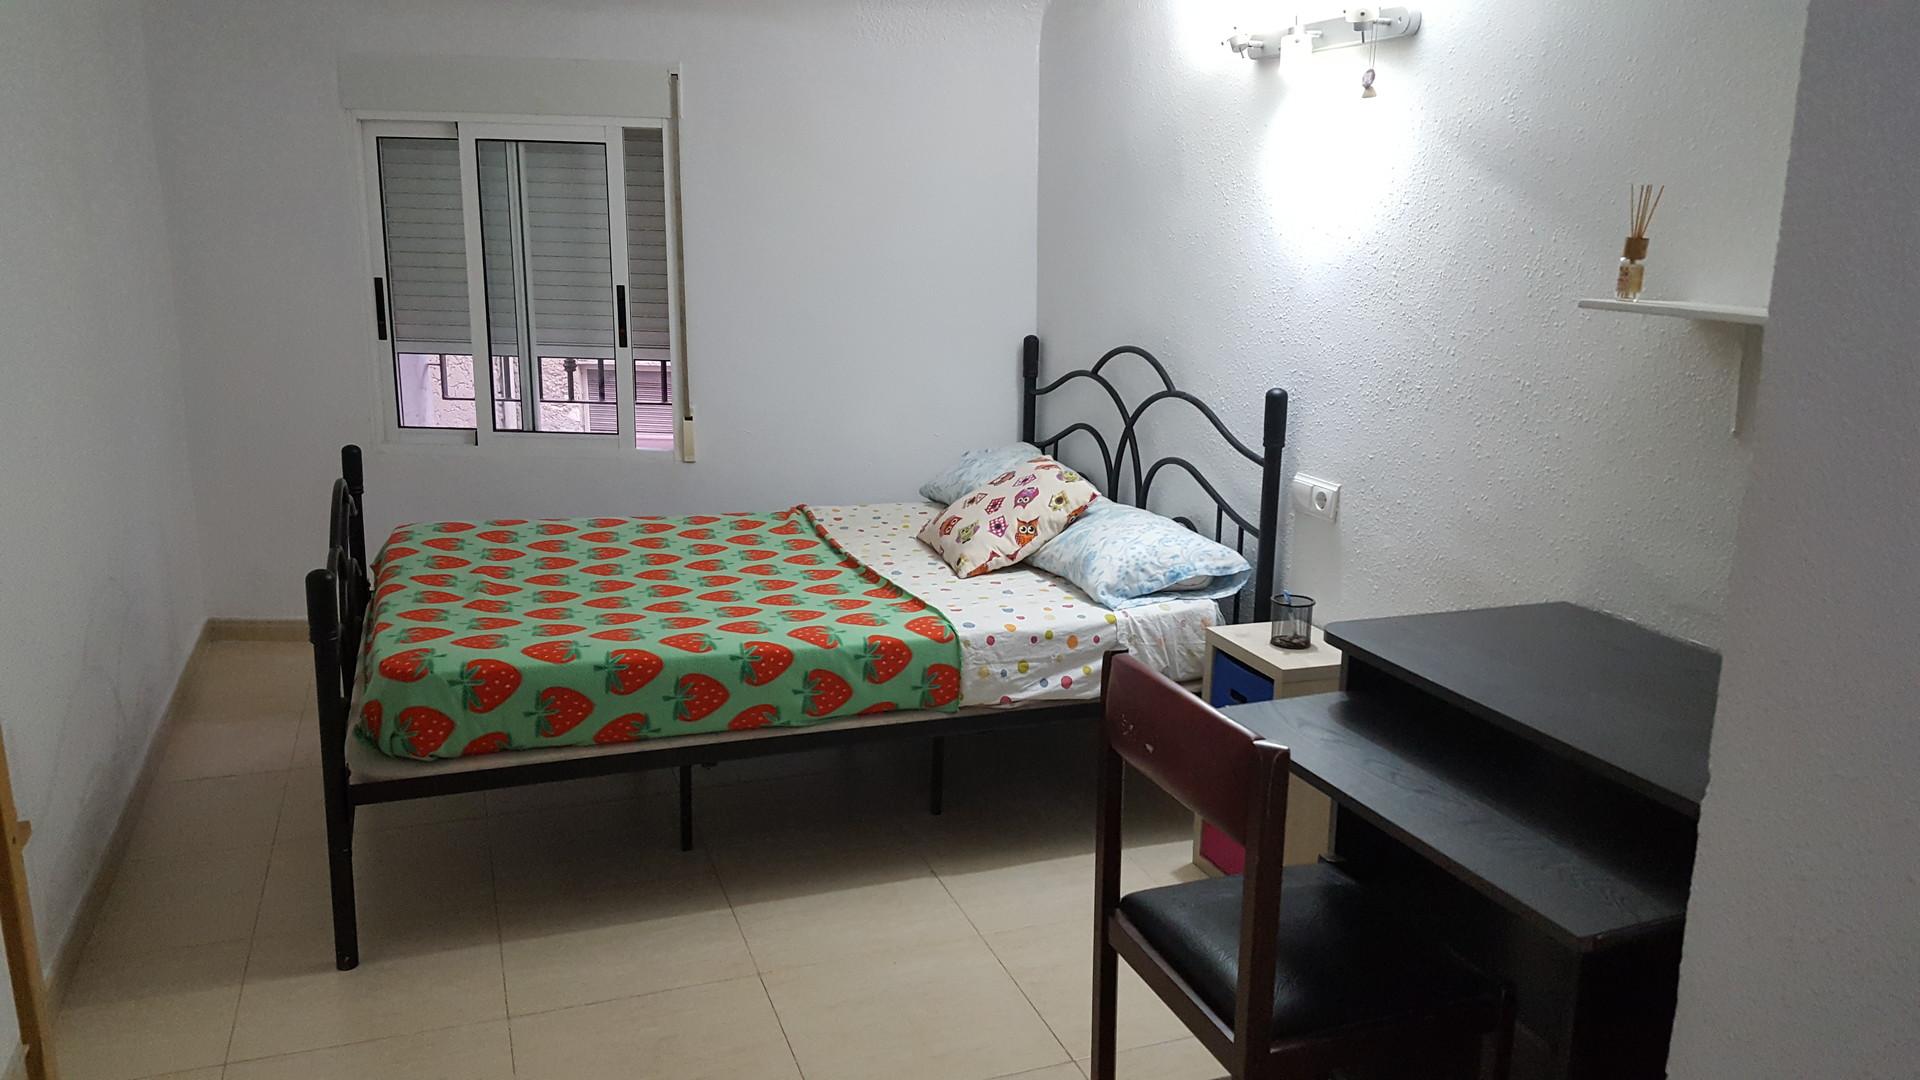 Estupenda habitaci n muy luminosa con cama doble en - Habitacion 3 camas ...